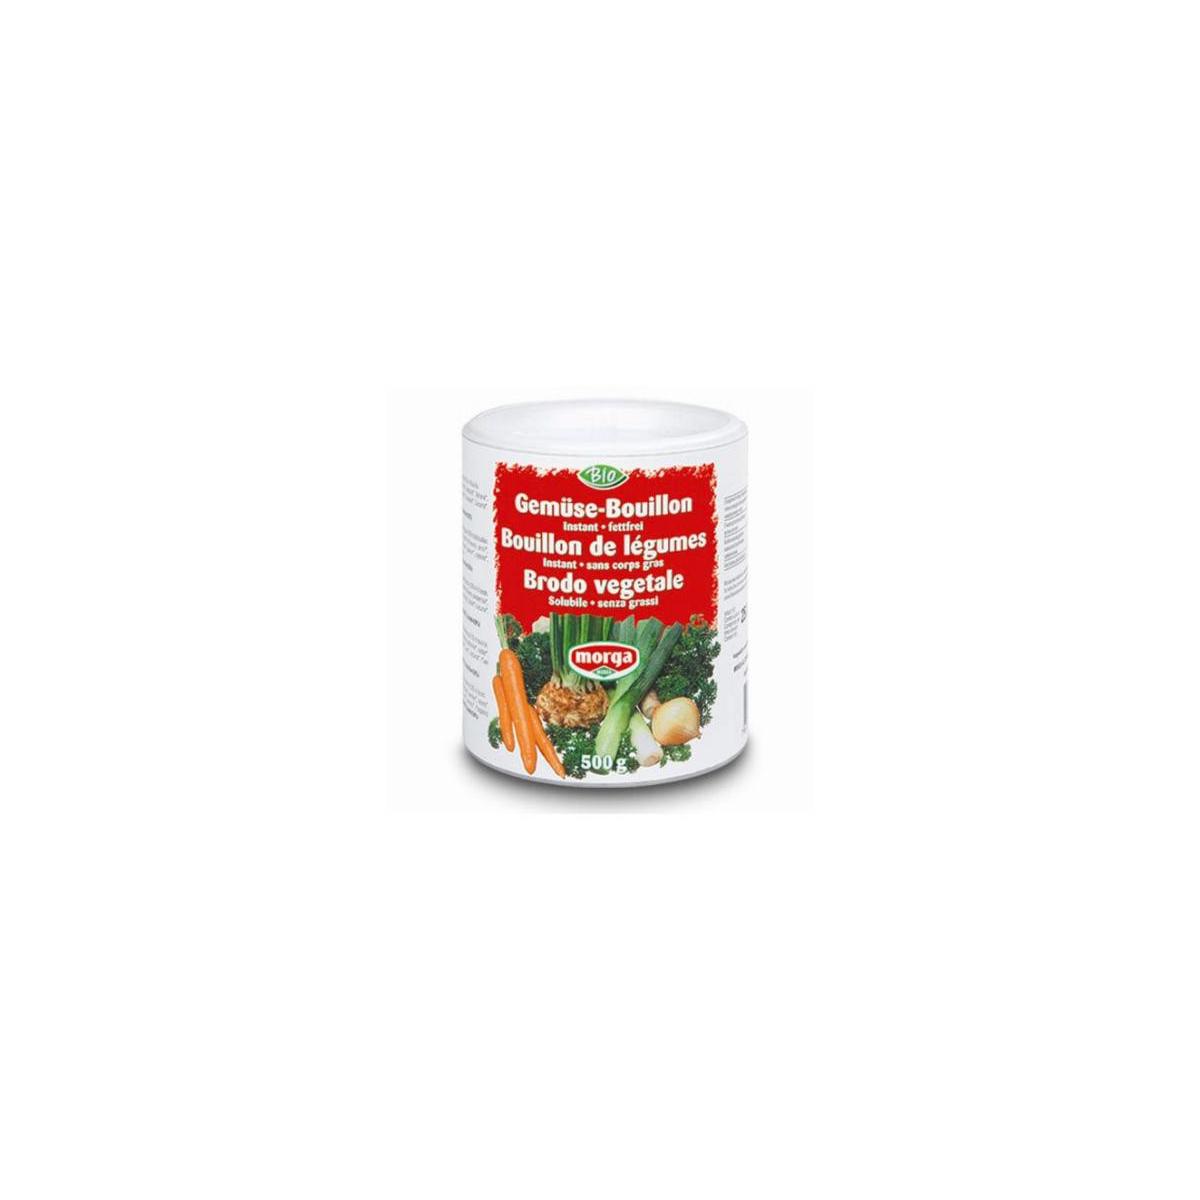 Gemüse Bouillon fettfrei Dose gross